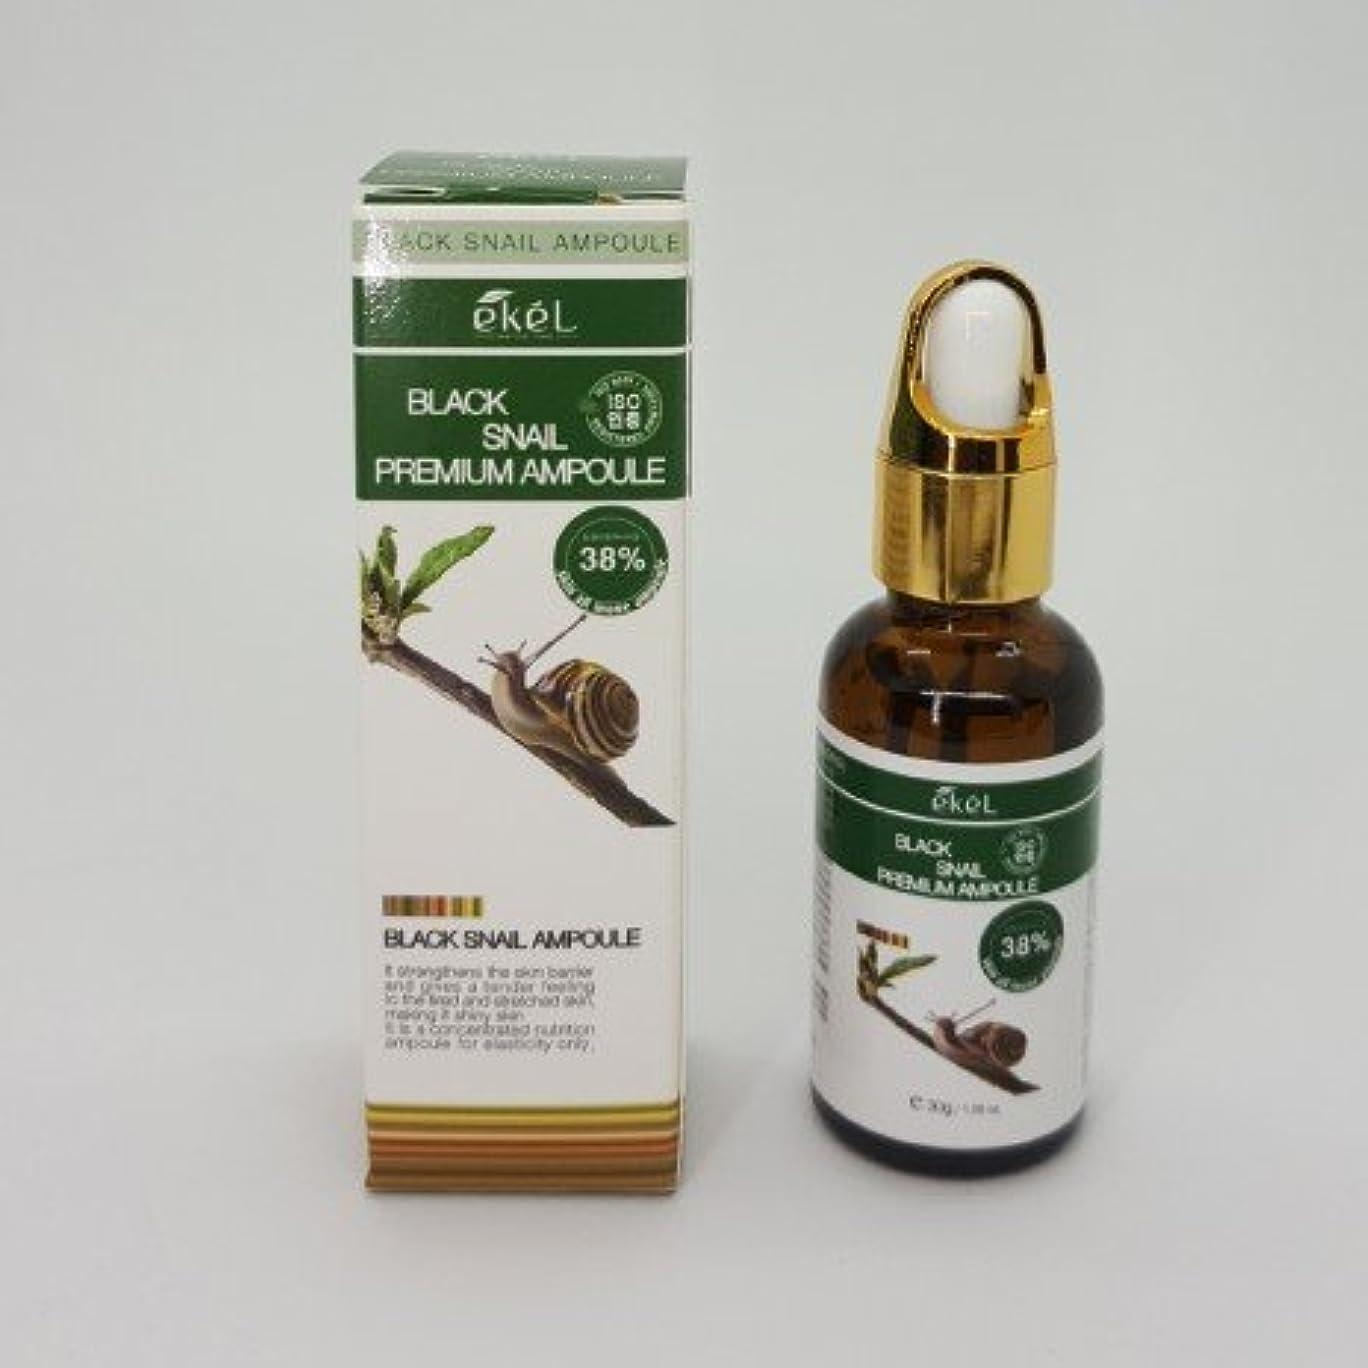 分解する長さ表面[EKEL] Black Snail Premium Ampoule 38% - 30g